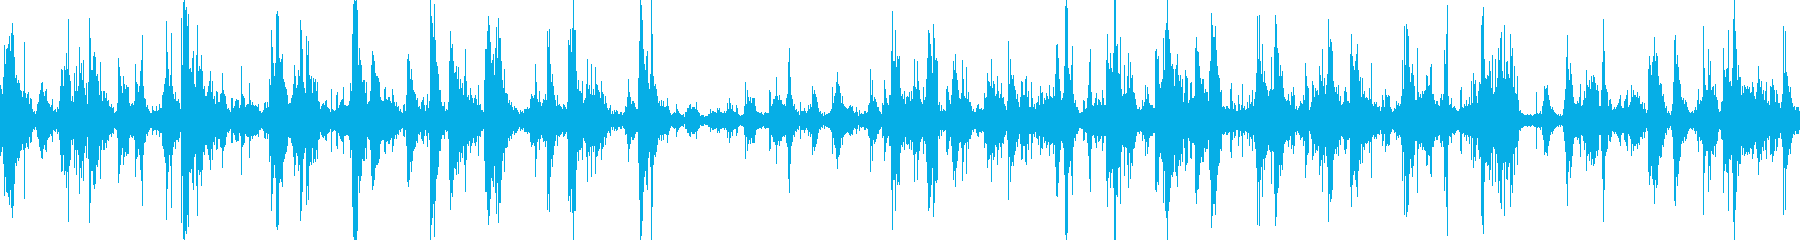 さびたパラシュートの再生済みの波形